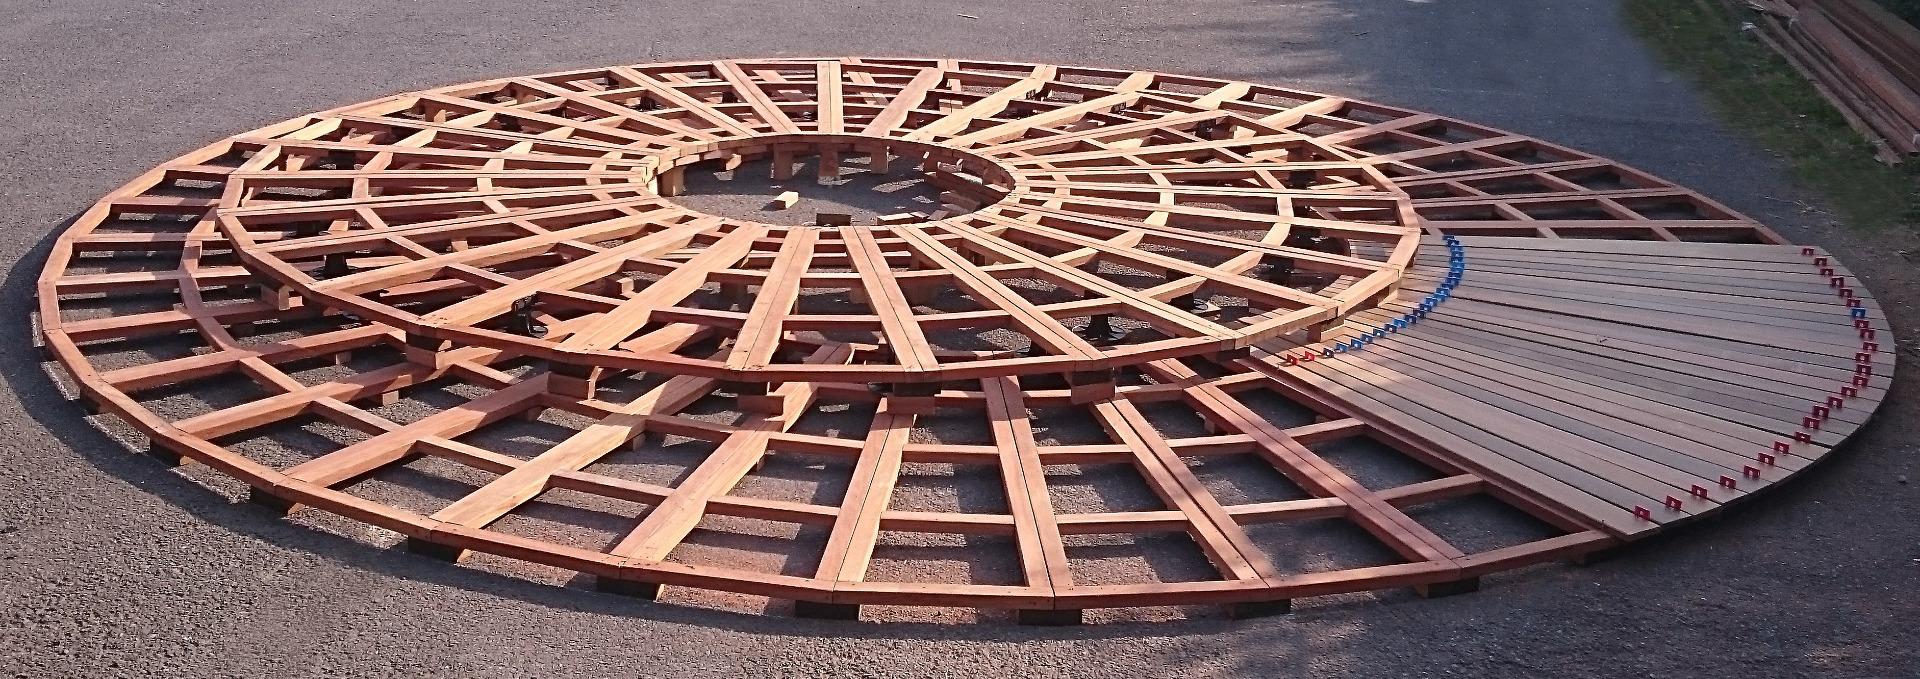 Tasseau Bois Exotique Exterieur lambourde bois exotique 60 x 40 mm - s.m bois.